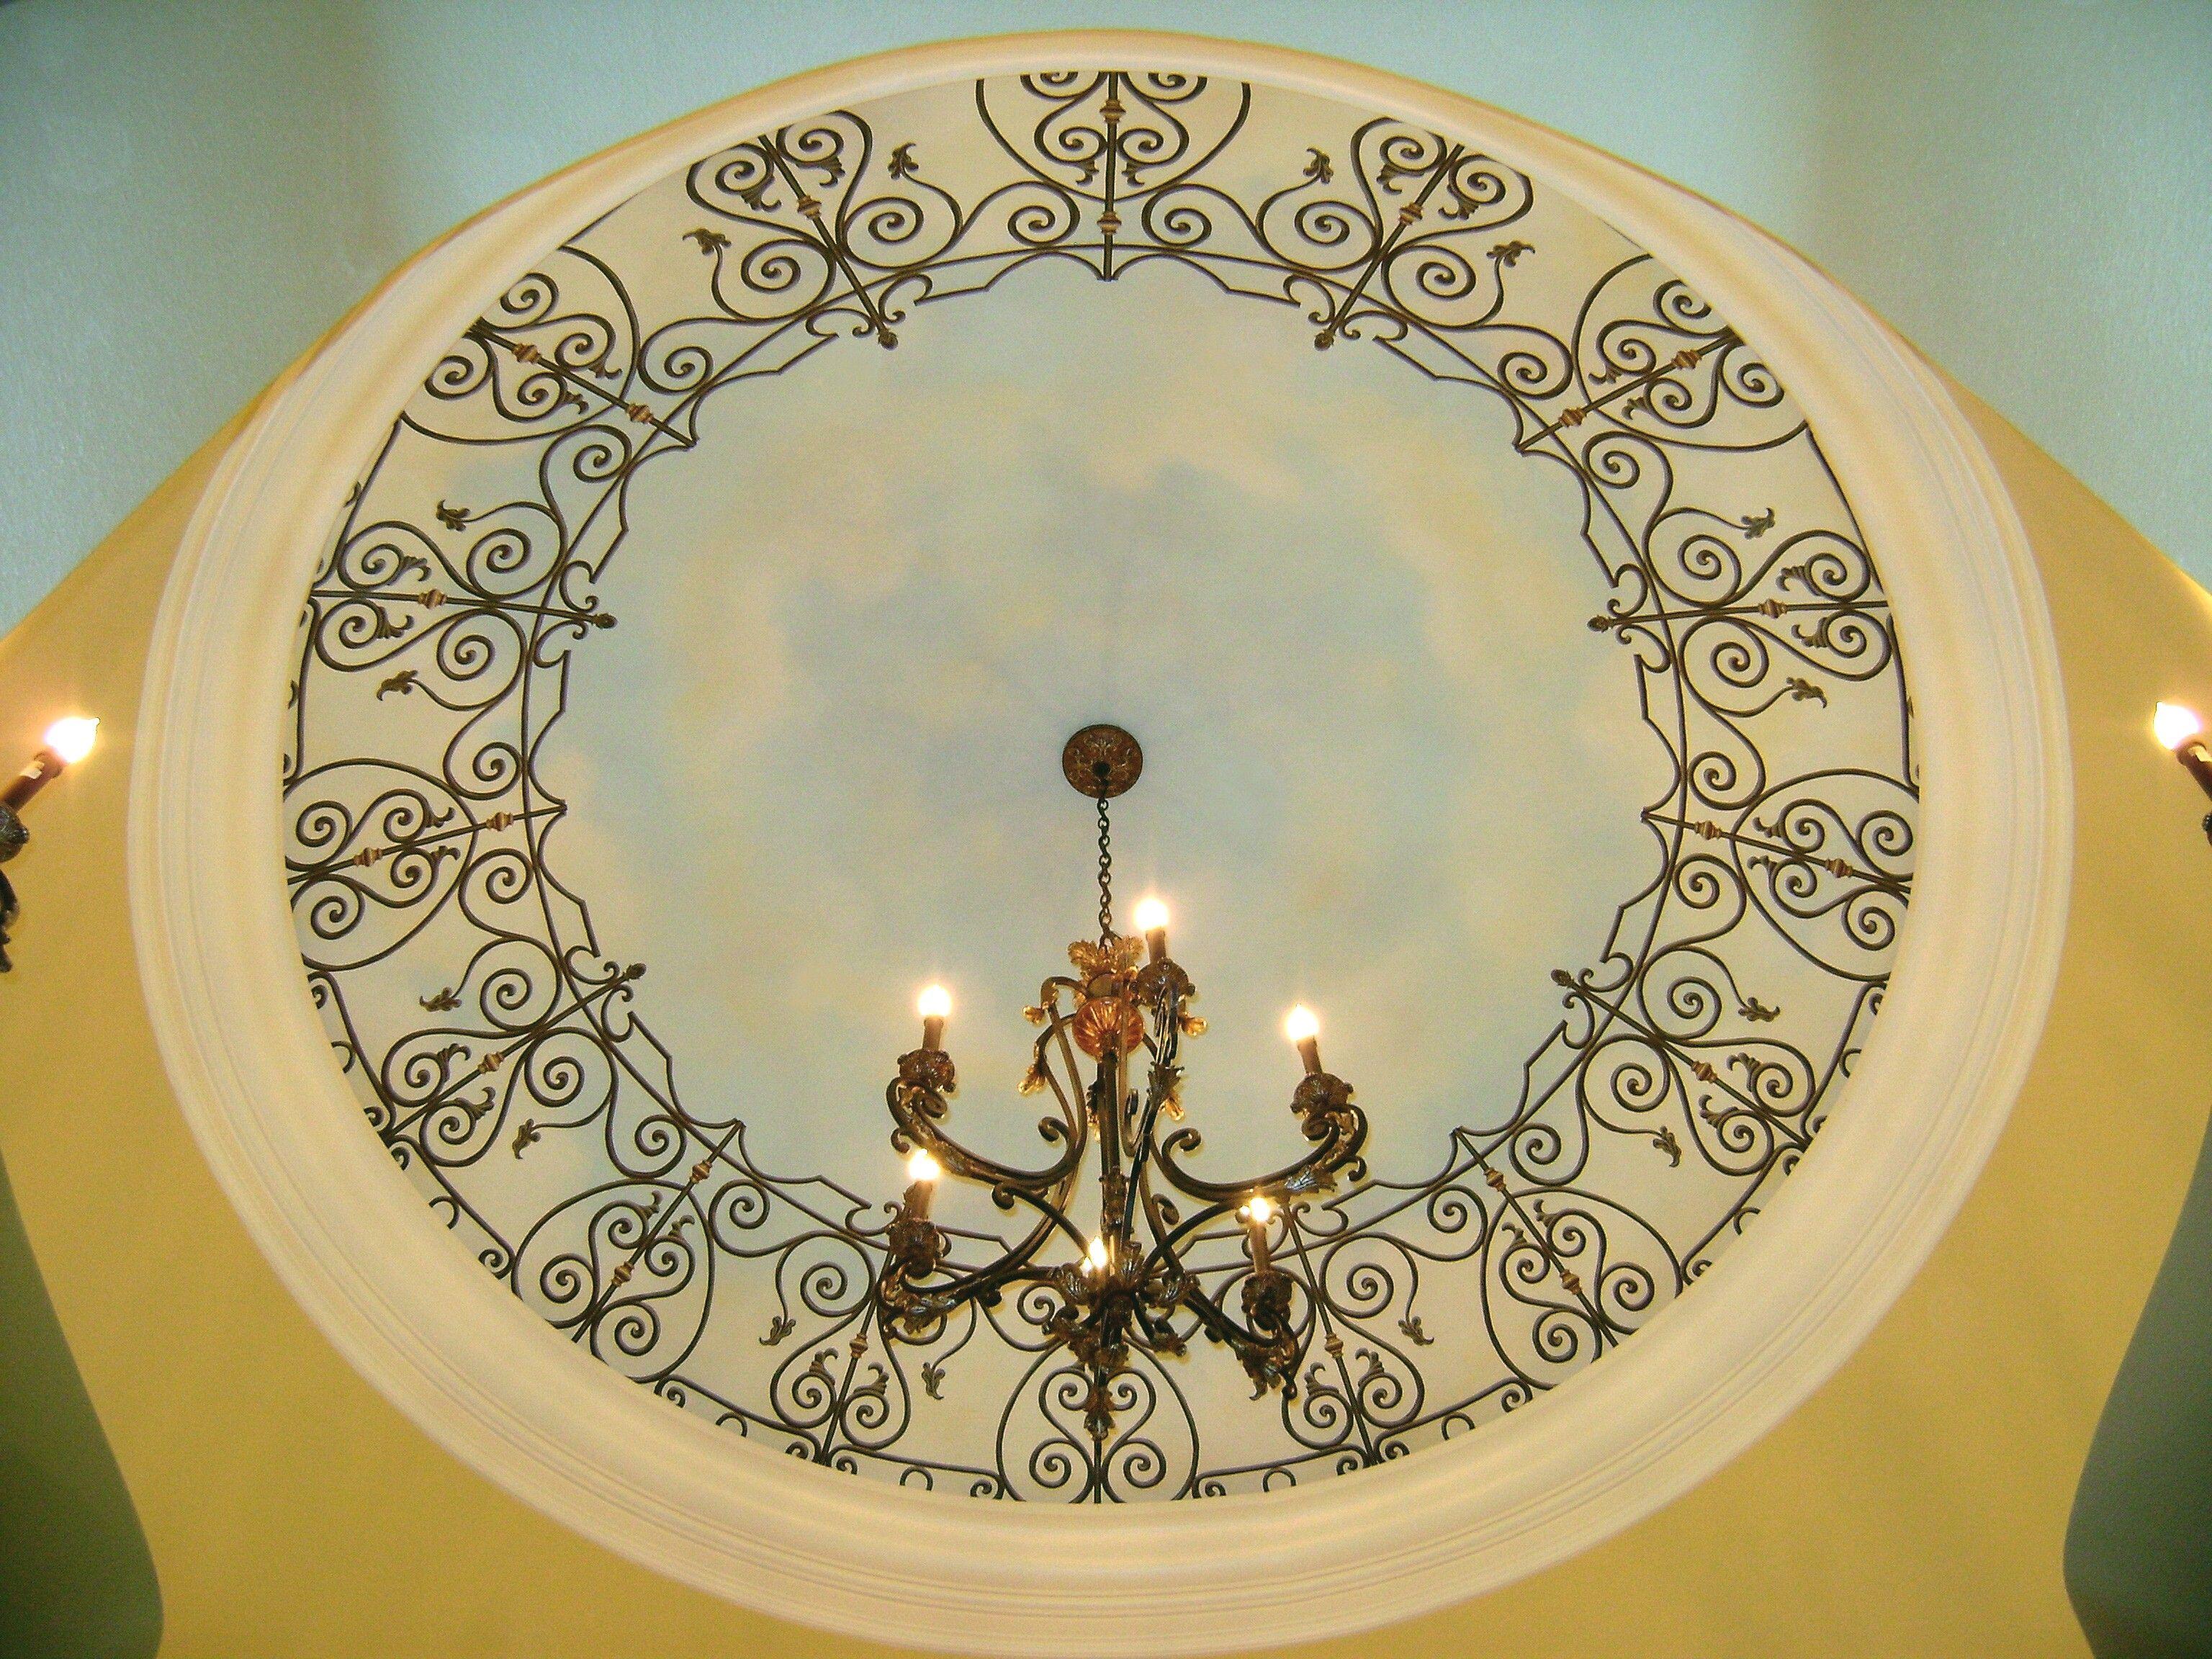 Shallow Dome Trompe L Oeil Wrought Iron Trellis